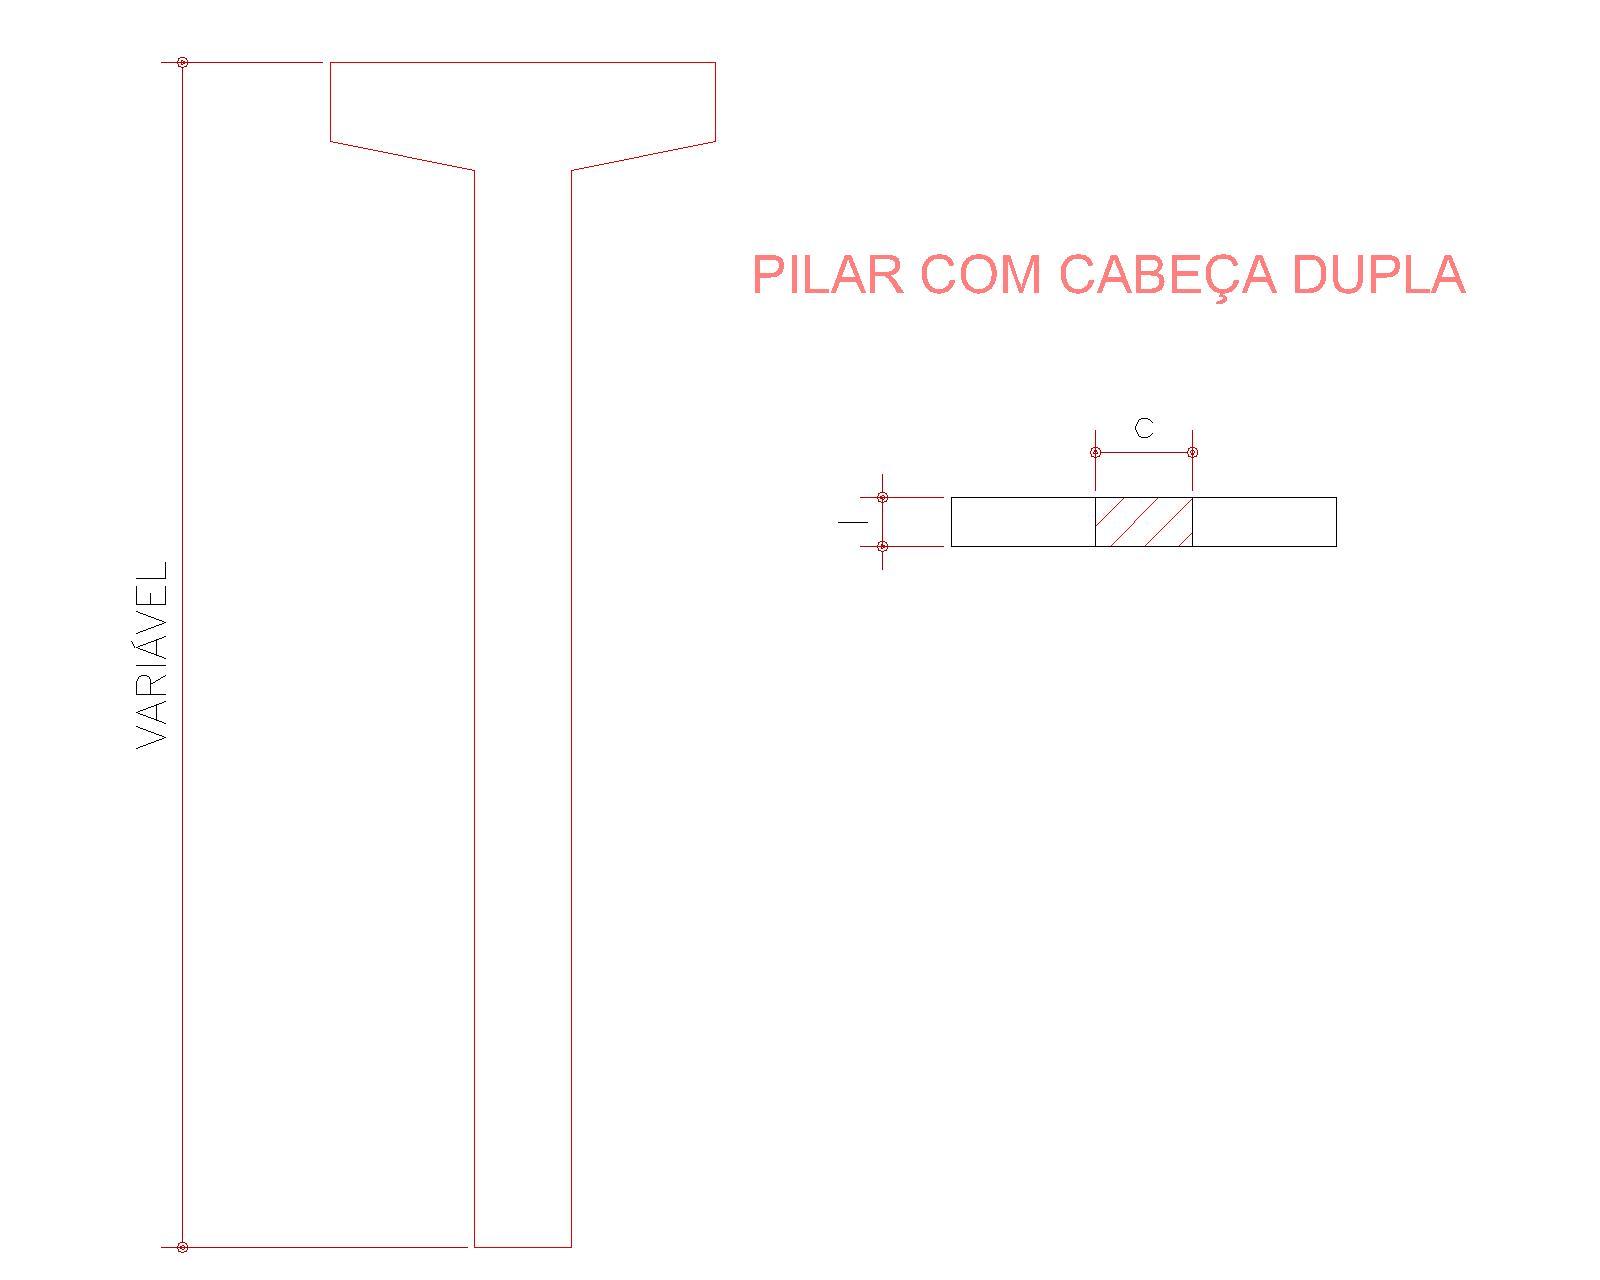 PILAR - CABEÇA DUPLA